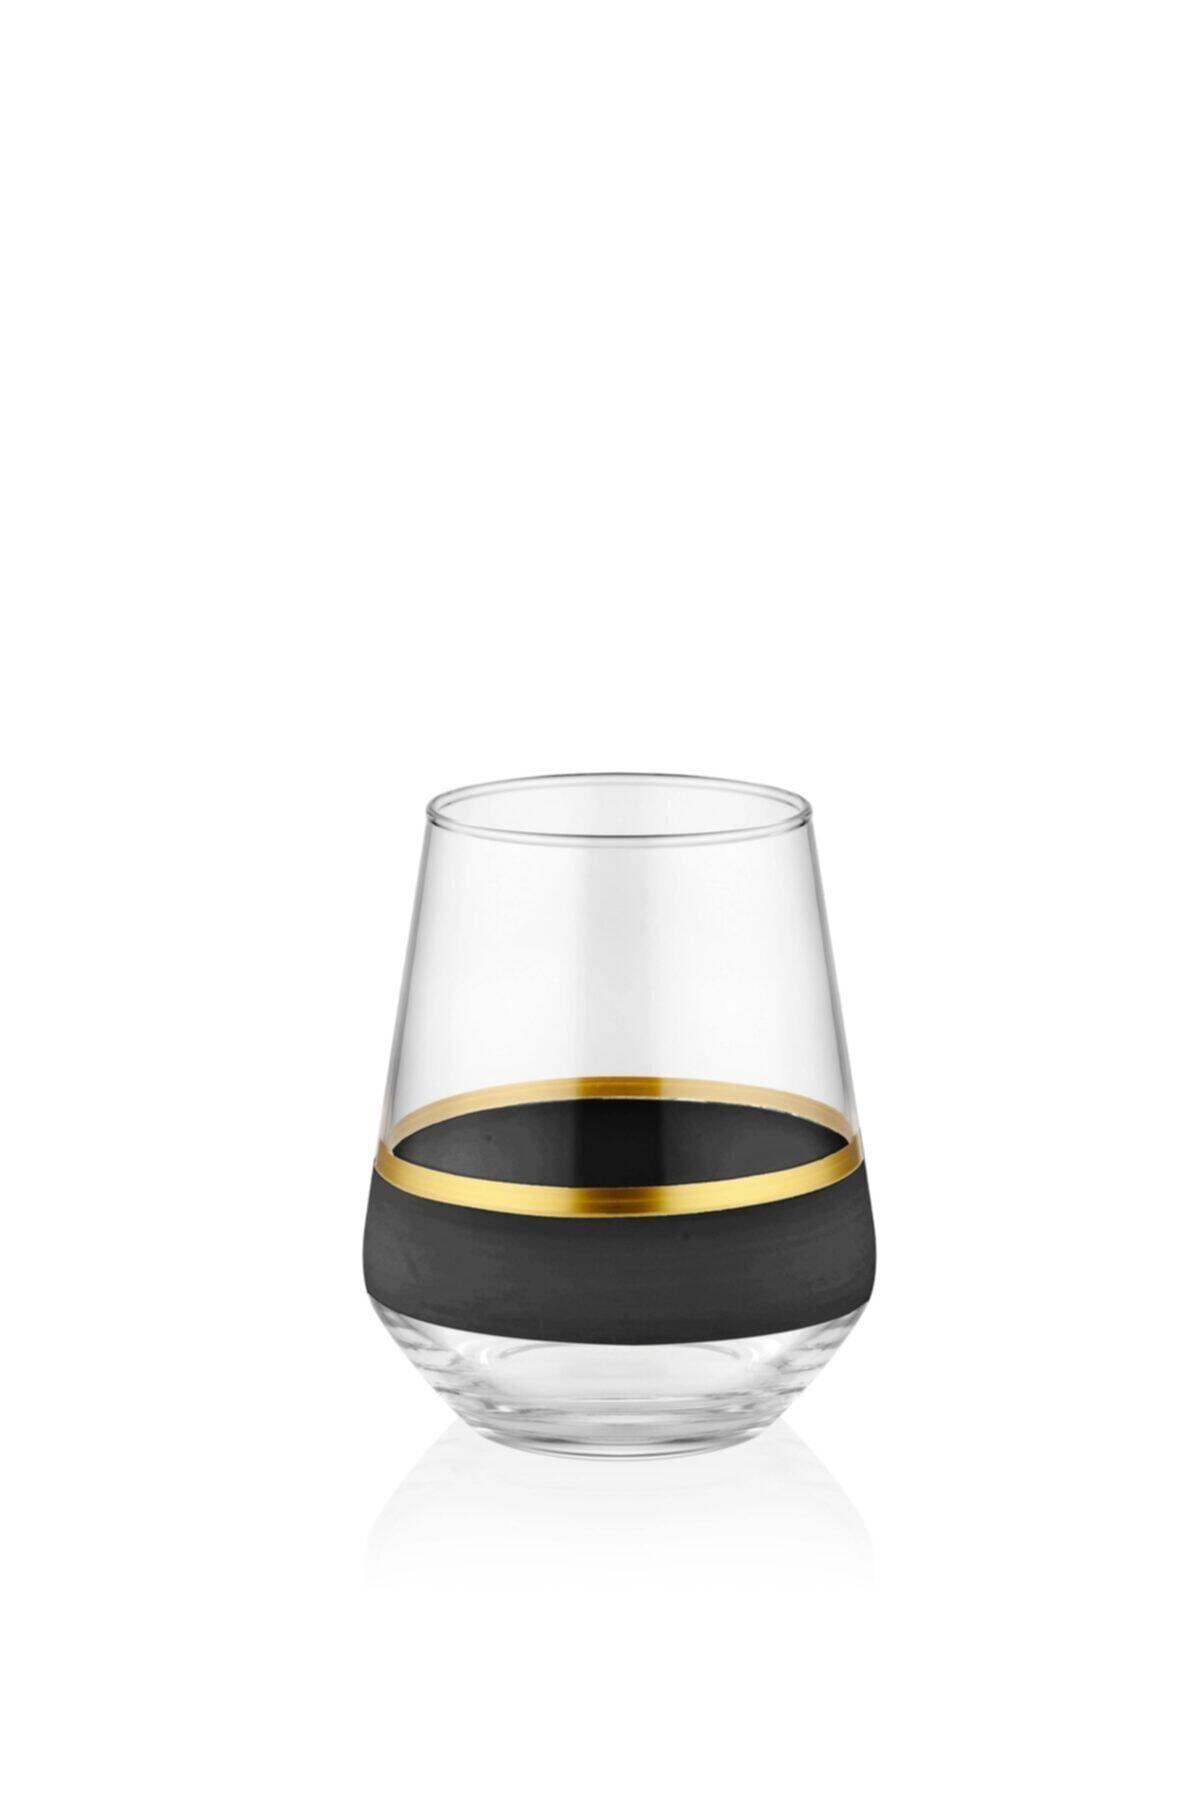 The Mia Glow Su Bardağı 6'lıı Set - Siyah & Gold 2